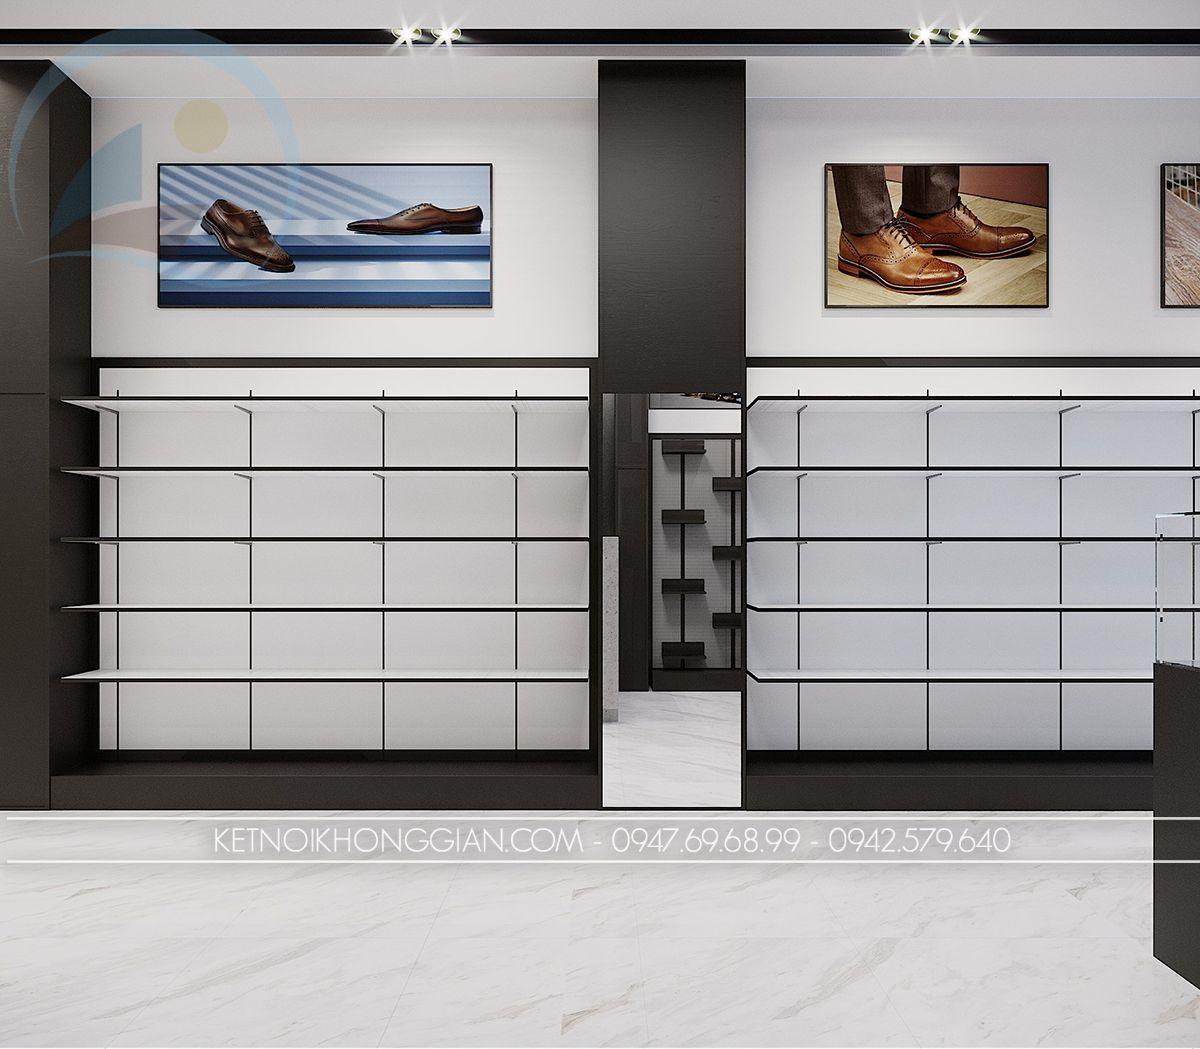 thiết kế nội thất cửa hàng giày dép cao cấp